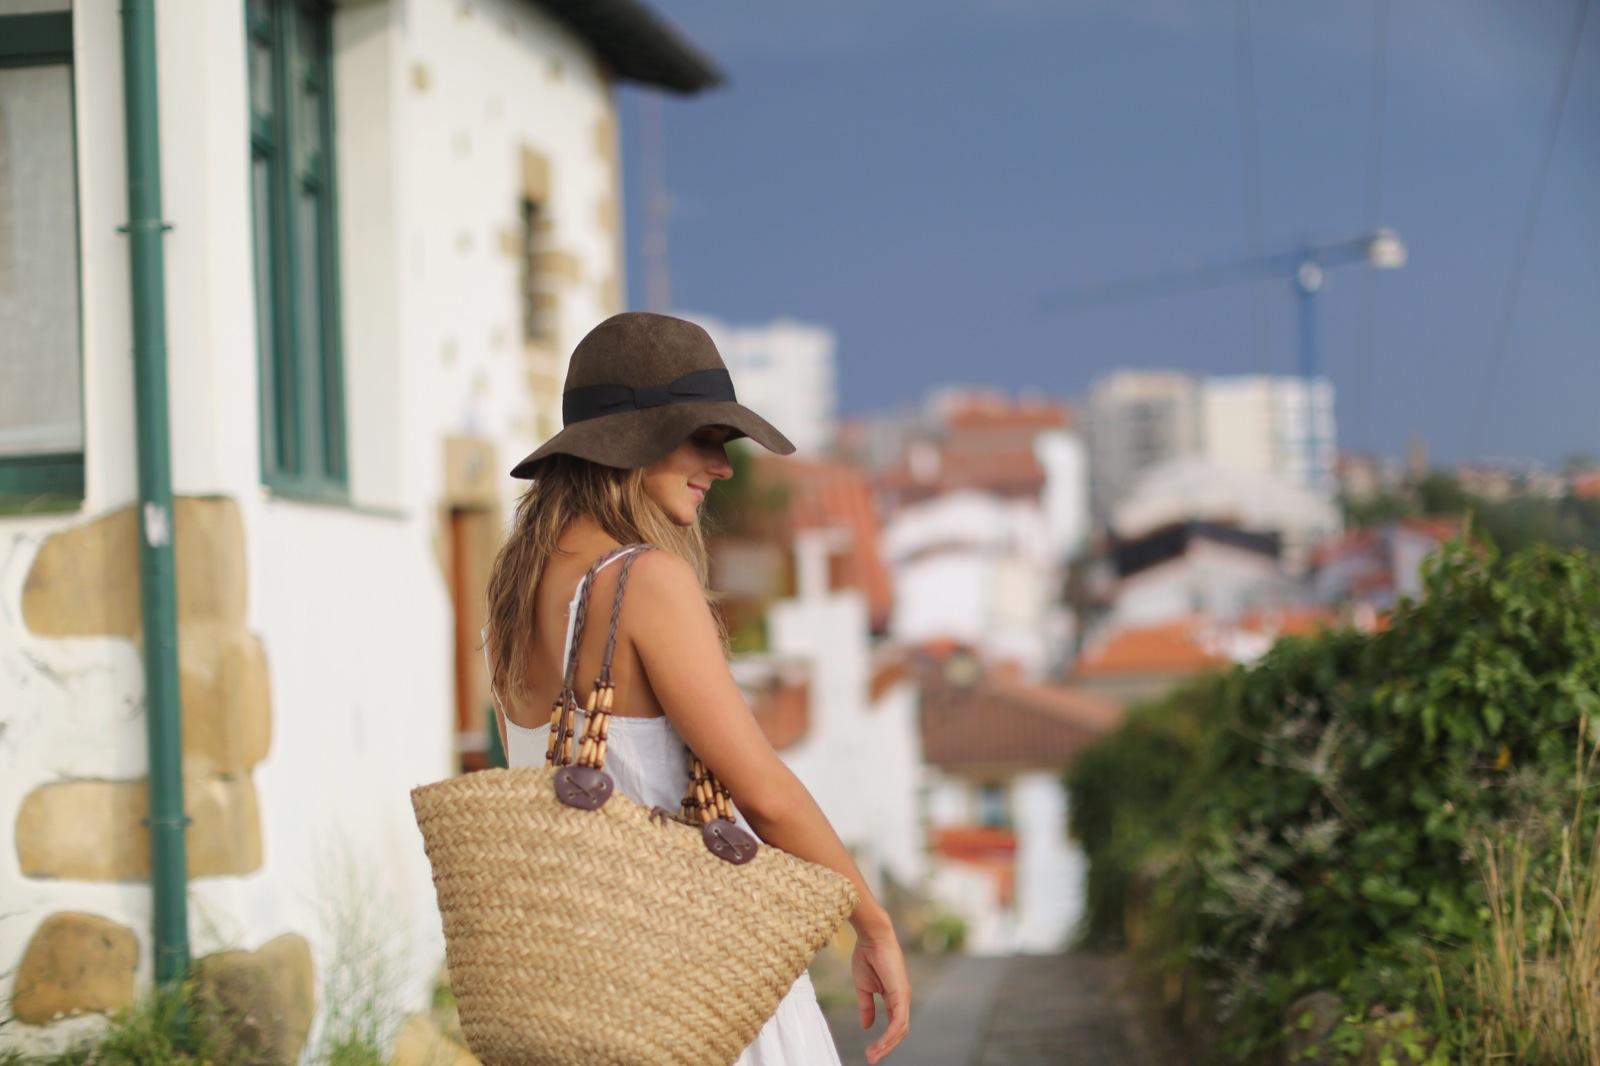 Clochet_suiteblanco_white_boho_dress_zara_fedora_hat_straw_basket_09